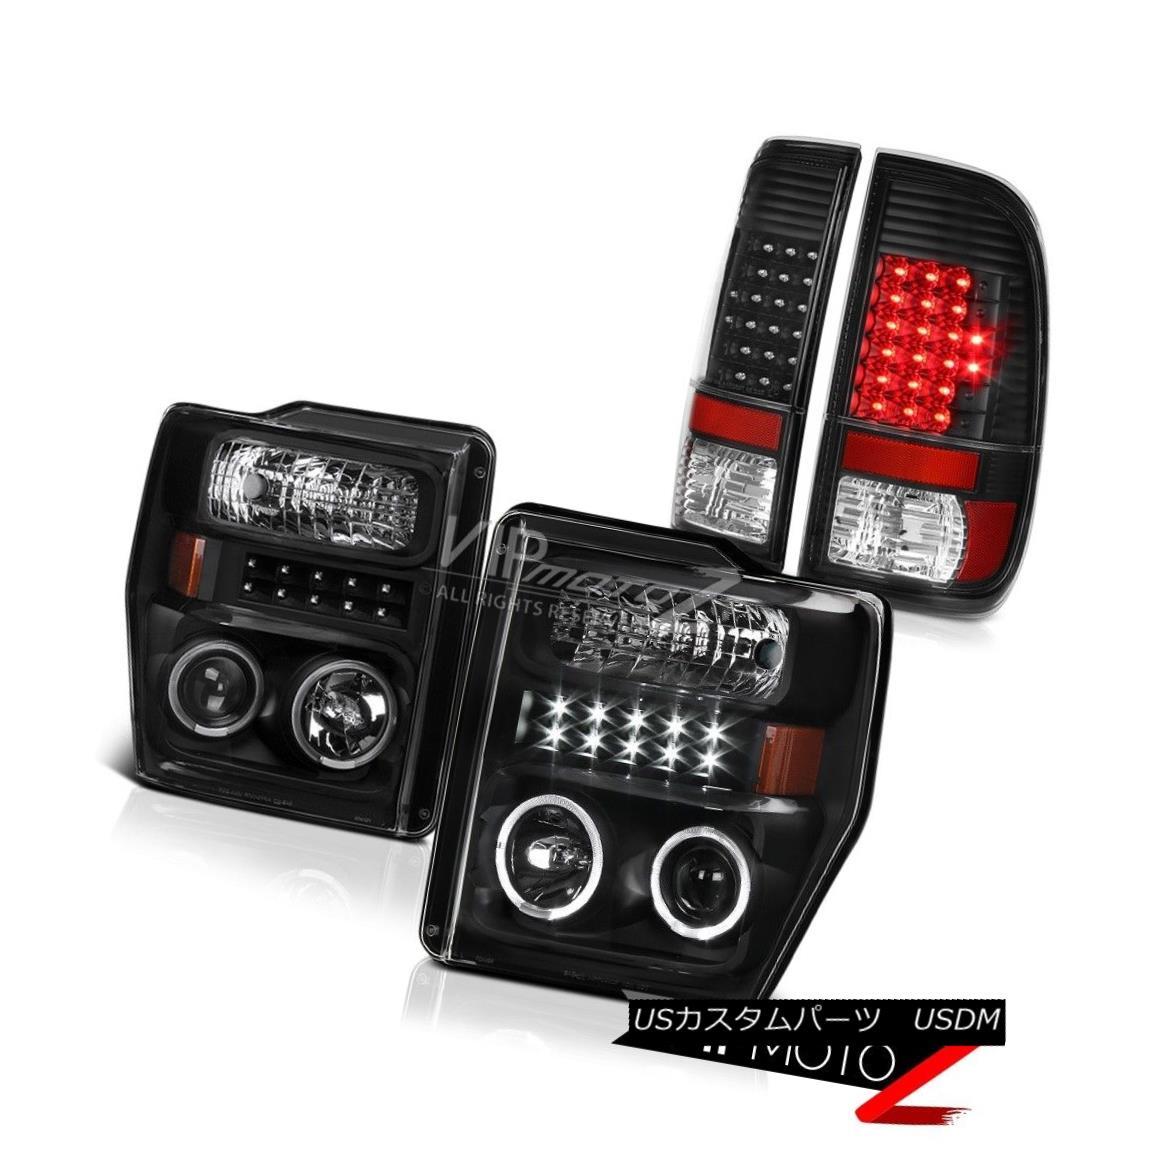 テールライト BLACK 2008-2010 Ford F250 F350 SuperDuty SMD Angel Eye Head Lights Tail Lamps BLACK 2008-2010 Ford F250 F350 SuperDuty SMDエンジェルアイヘッドライトテールランプ